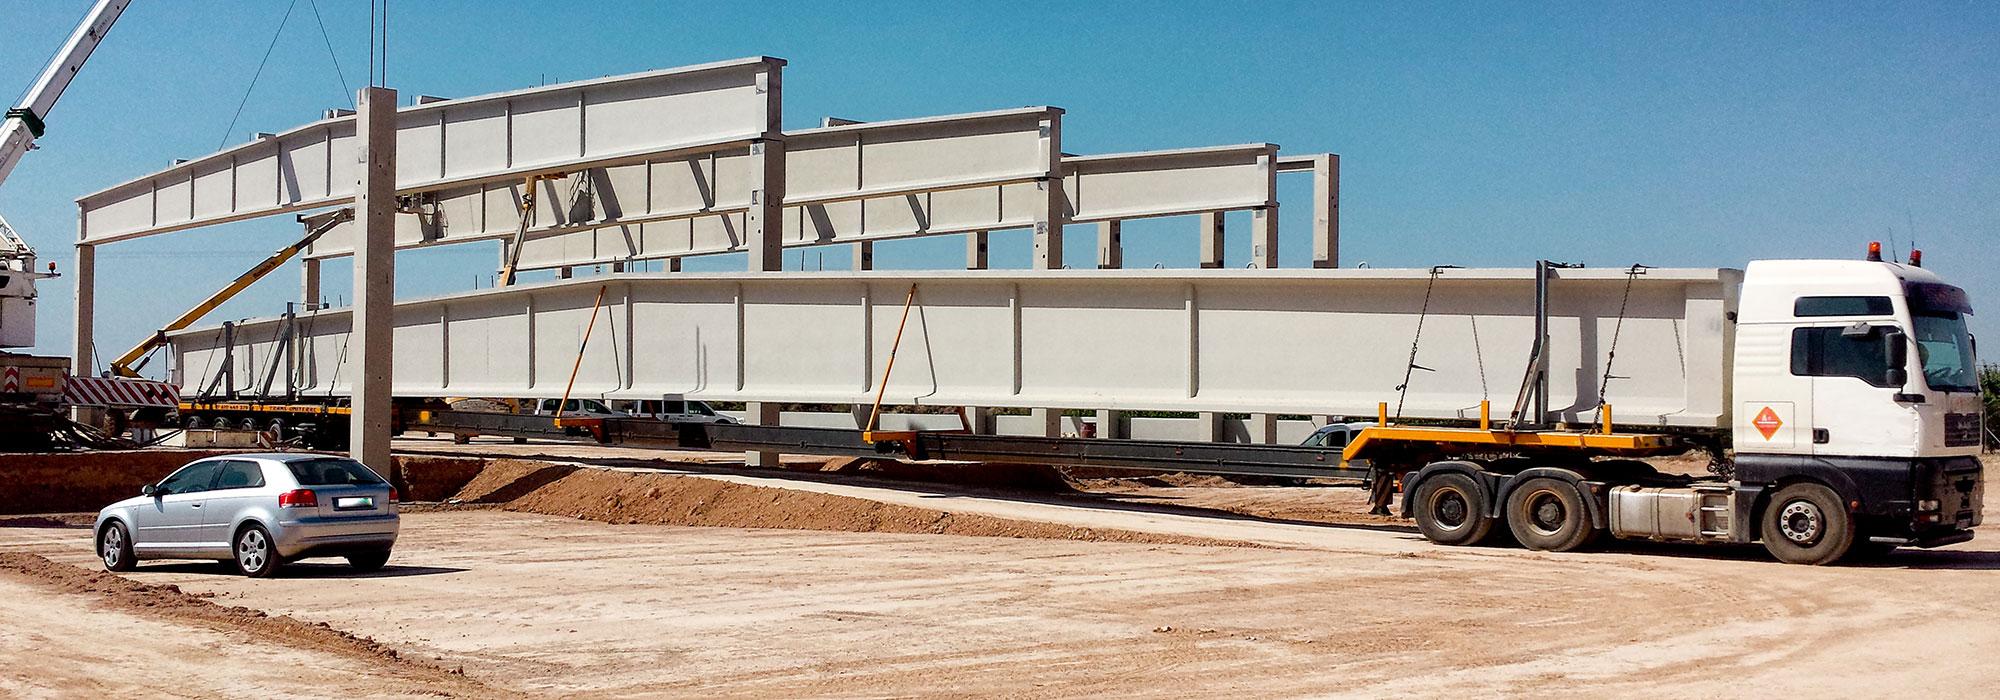 Prefabricados aljema s l prefabricados de hormig n para la edificaci n - Materiales de construccion en murcia ...